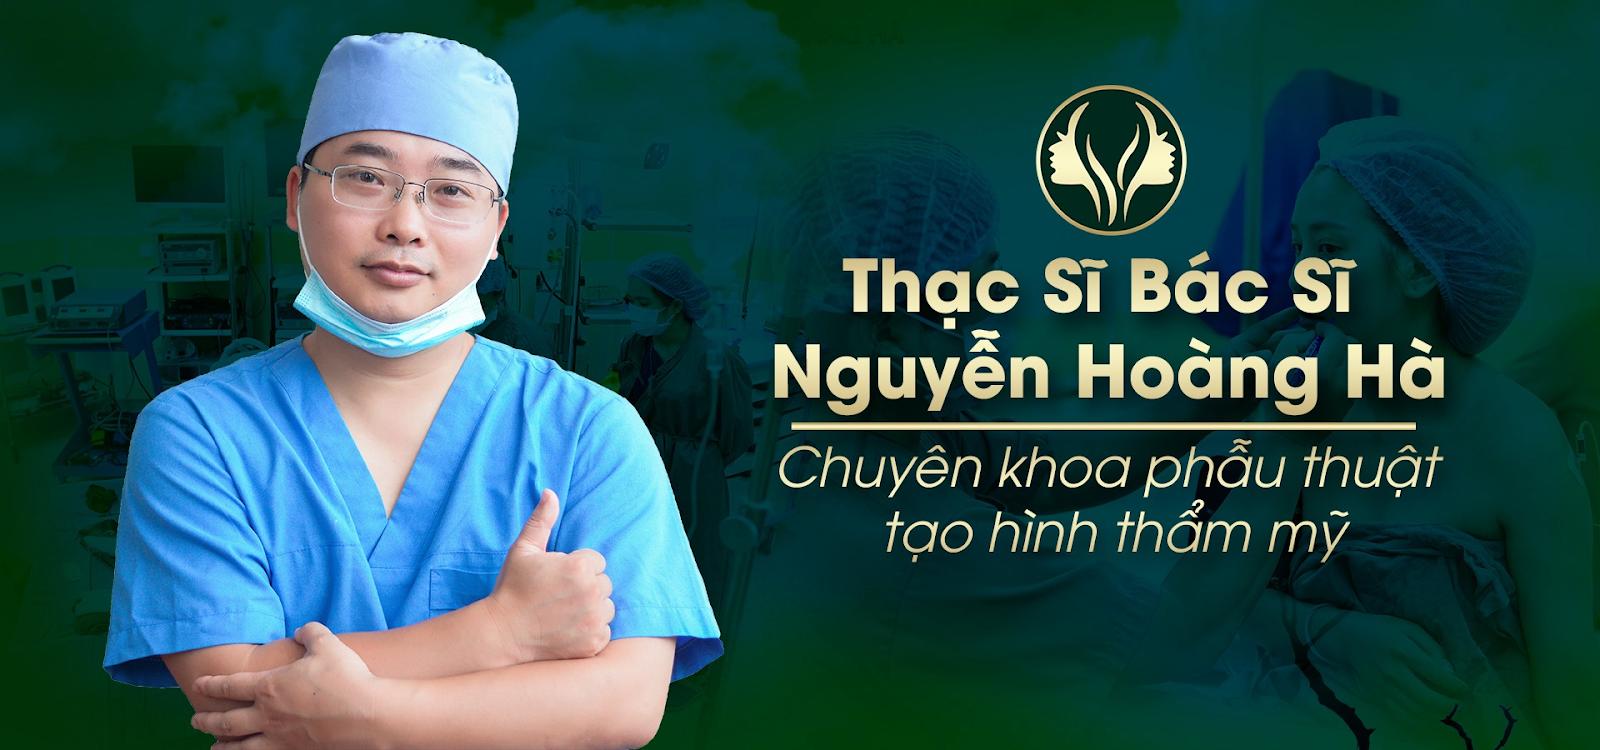 Ths.BS Nguyễn Hoàng Hà